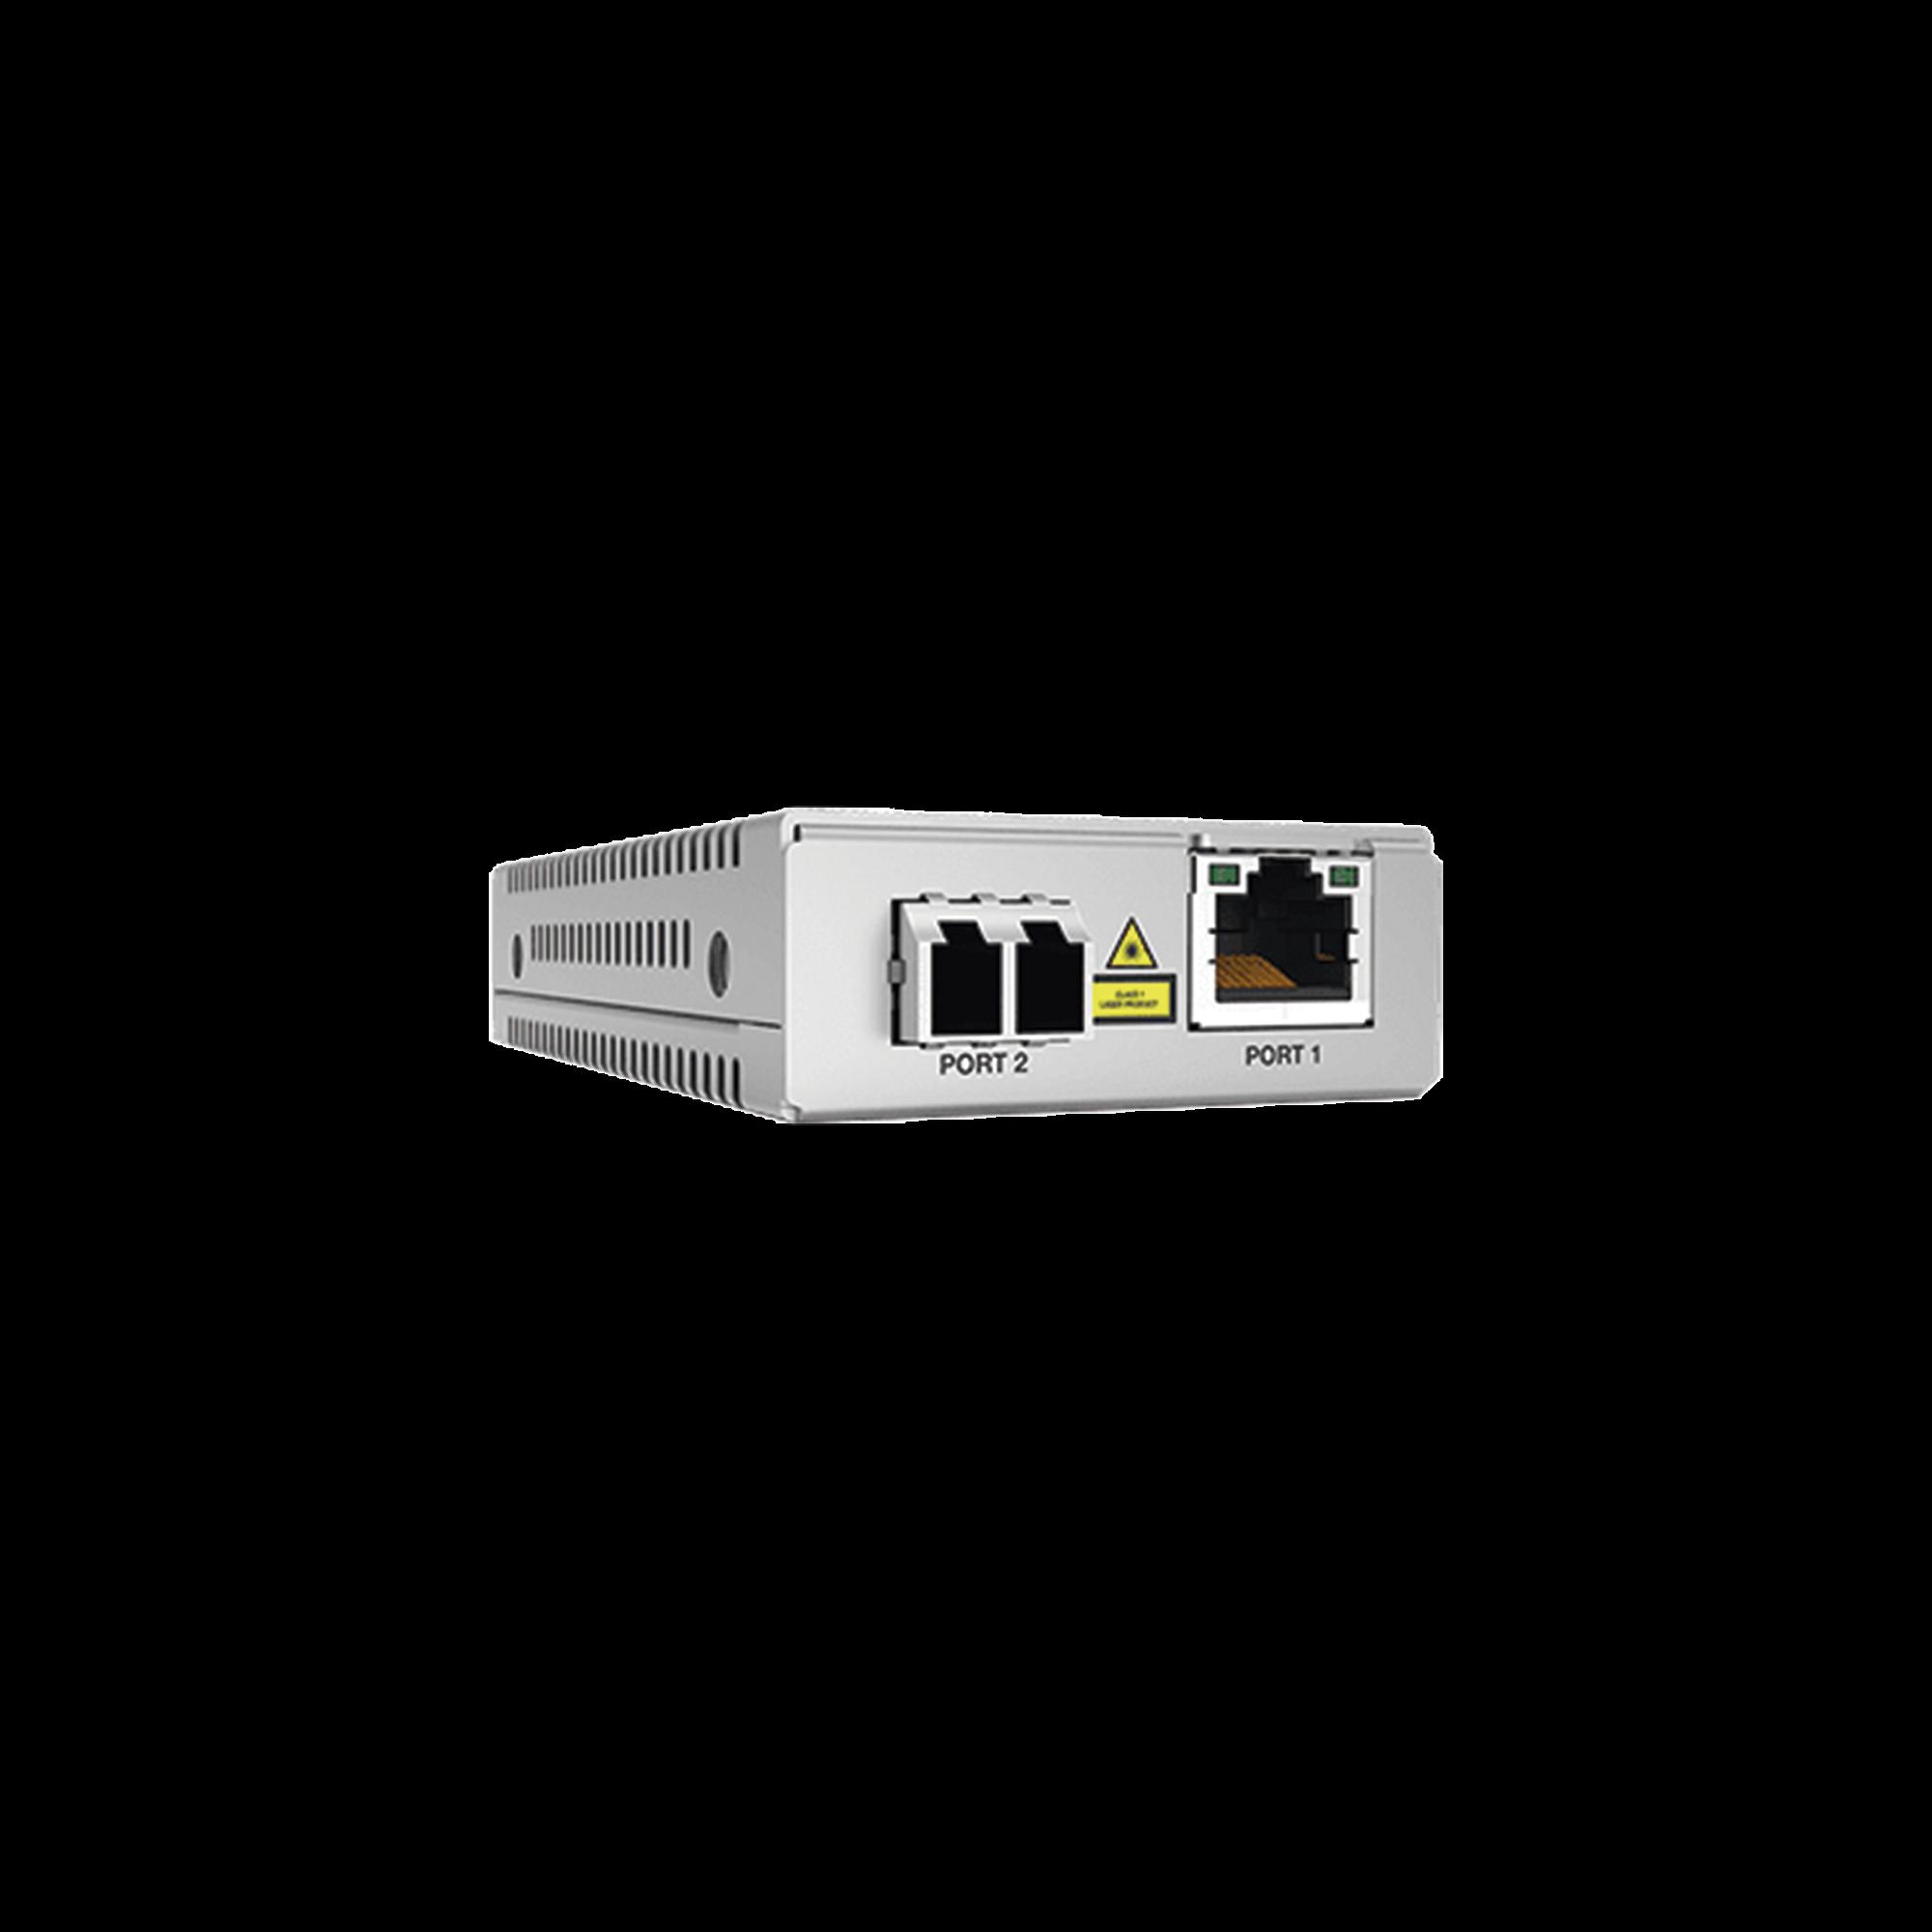 Convertidor de medios gigabit ethernet a fibra optica, conector LC, monomodo (SMF), version TAA (Trade Agreement Act), 10 km